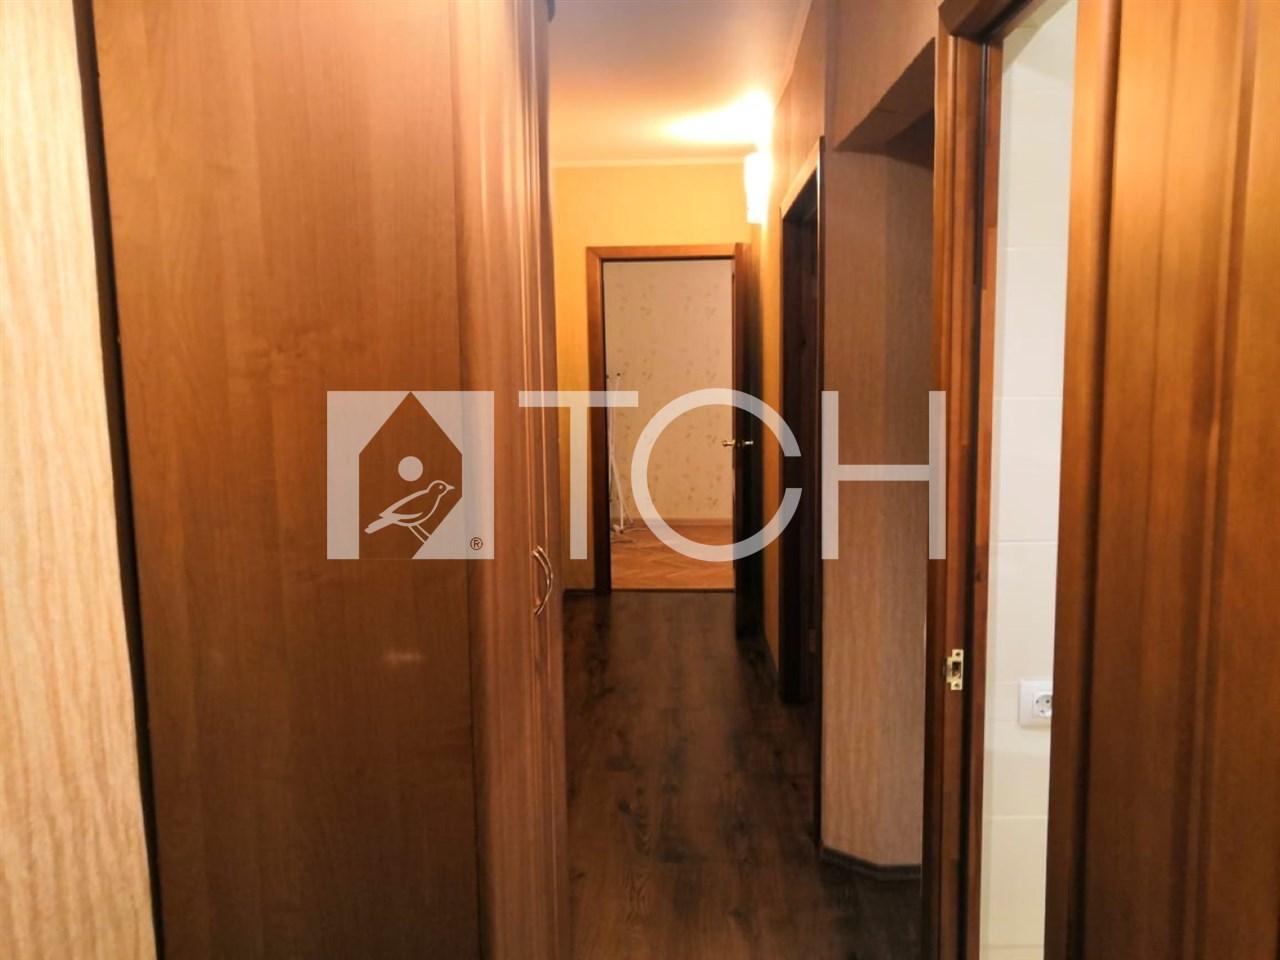 Квартира, 2 комнаты, 44 м² в Ивантеевке 89261425000 купить 6